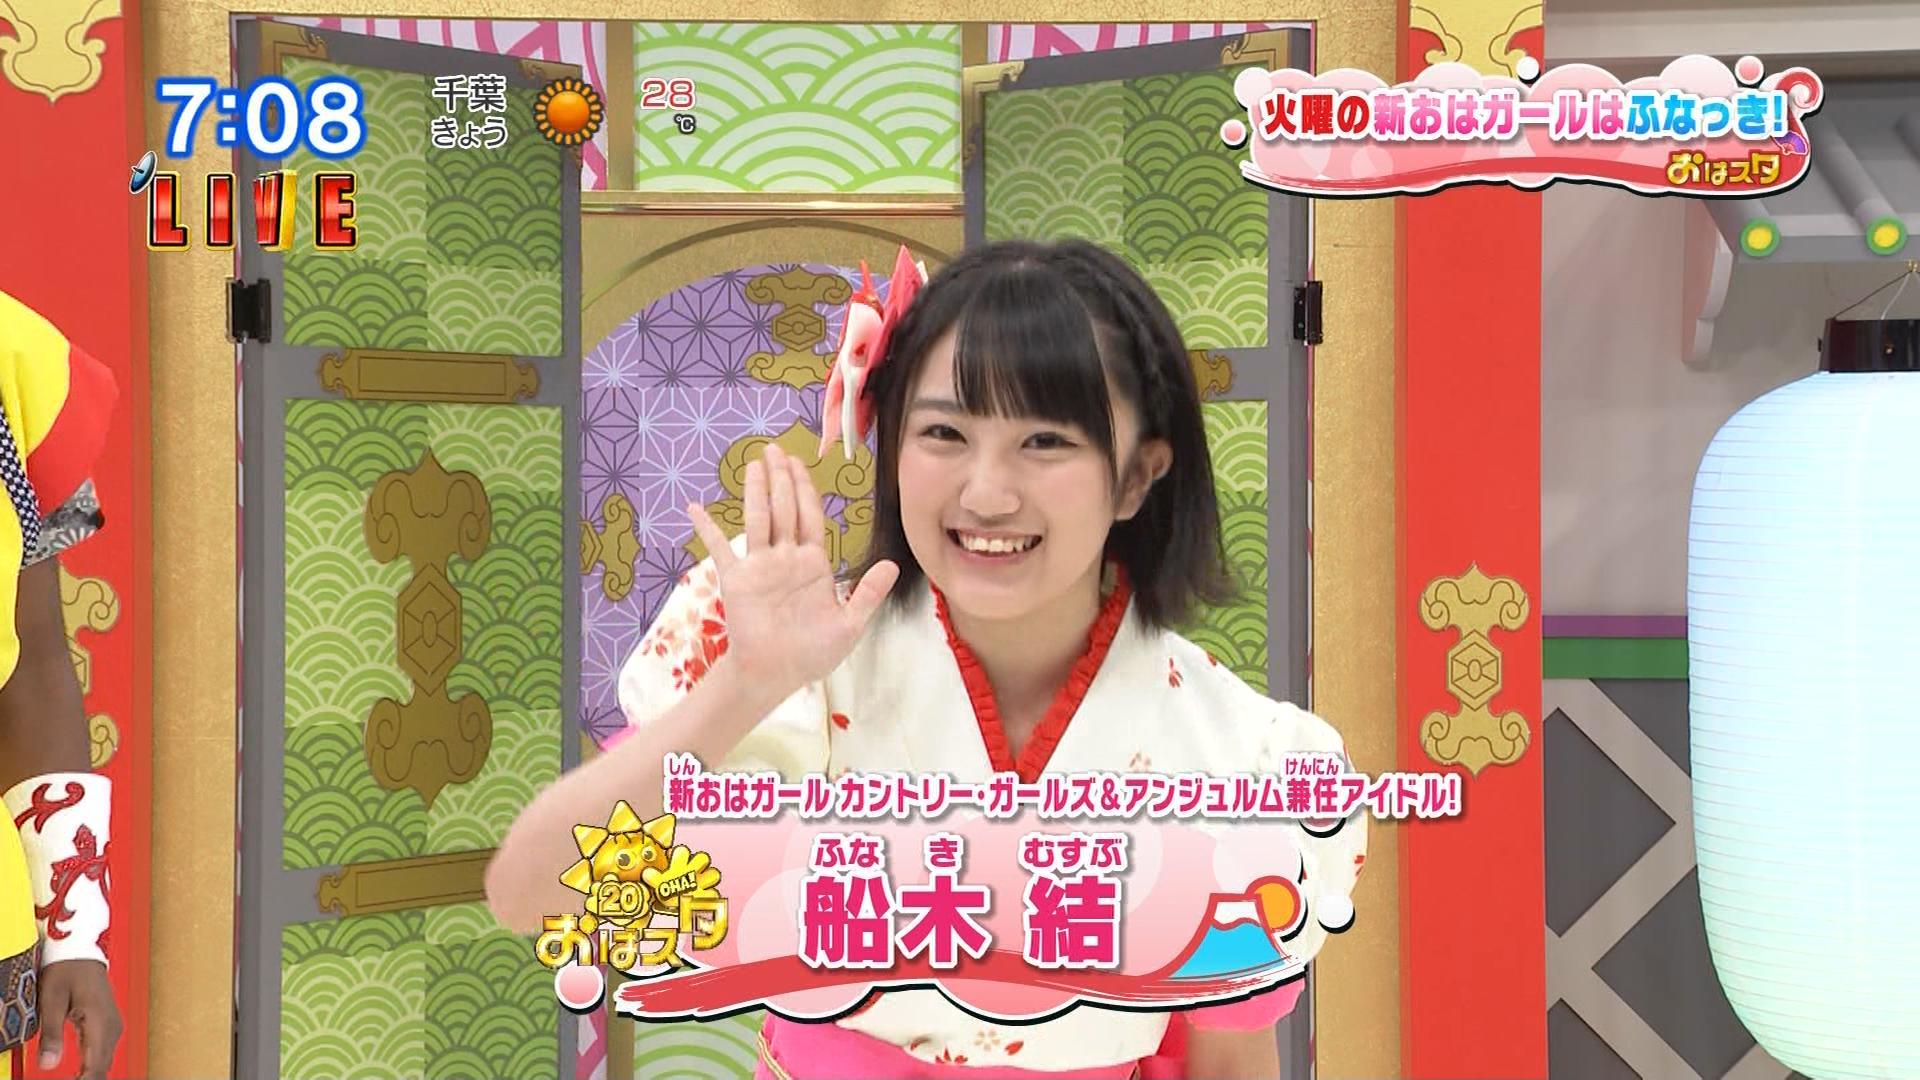 【エンタメ画像】新おはガールのふなっきこと船木結ちゃんって子が可愛すぎると話題に!!!